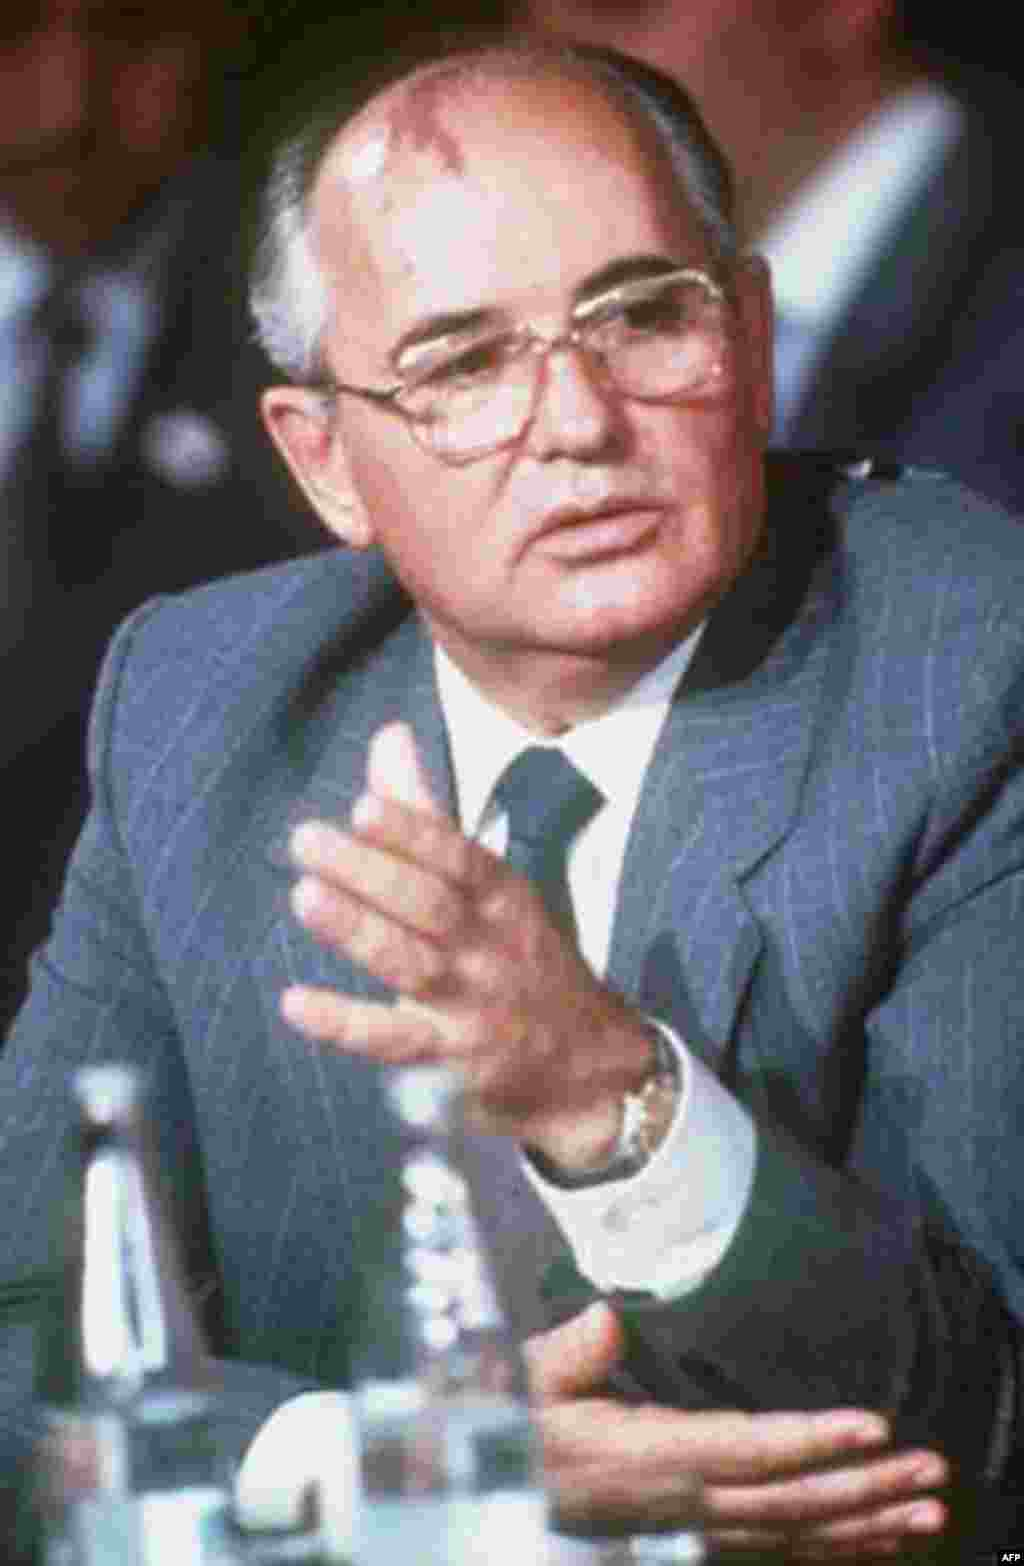 Ngày 11/3/1985, ông Mikail Gorbachev trở thành Chủ tịch Liên bang Xô Viết, lúc ông 54 tuổi. Ông đưa ra chính sách 'Đổi mới' trong nỗ lực khắc phục những vấn đề chính trị và kinh tế